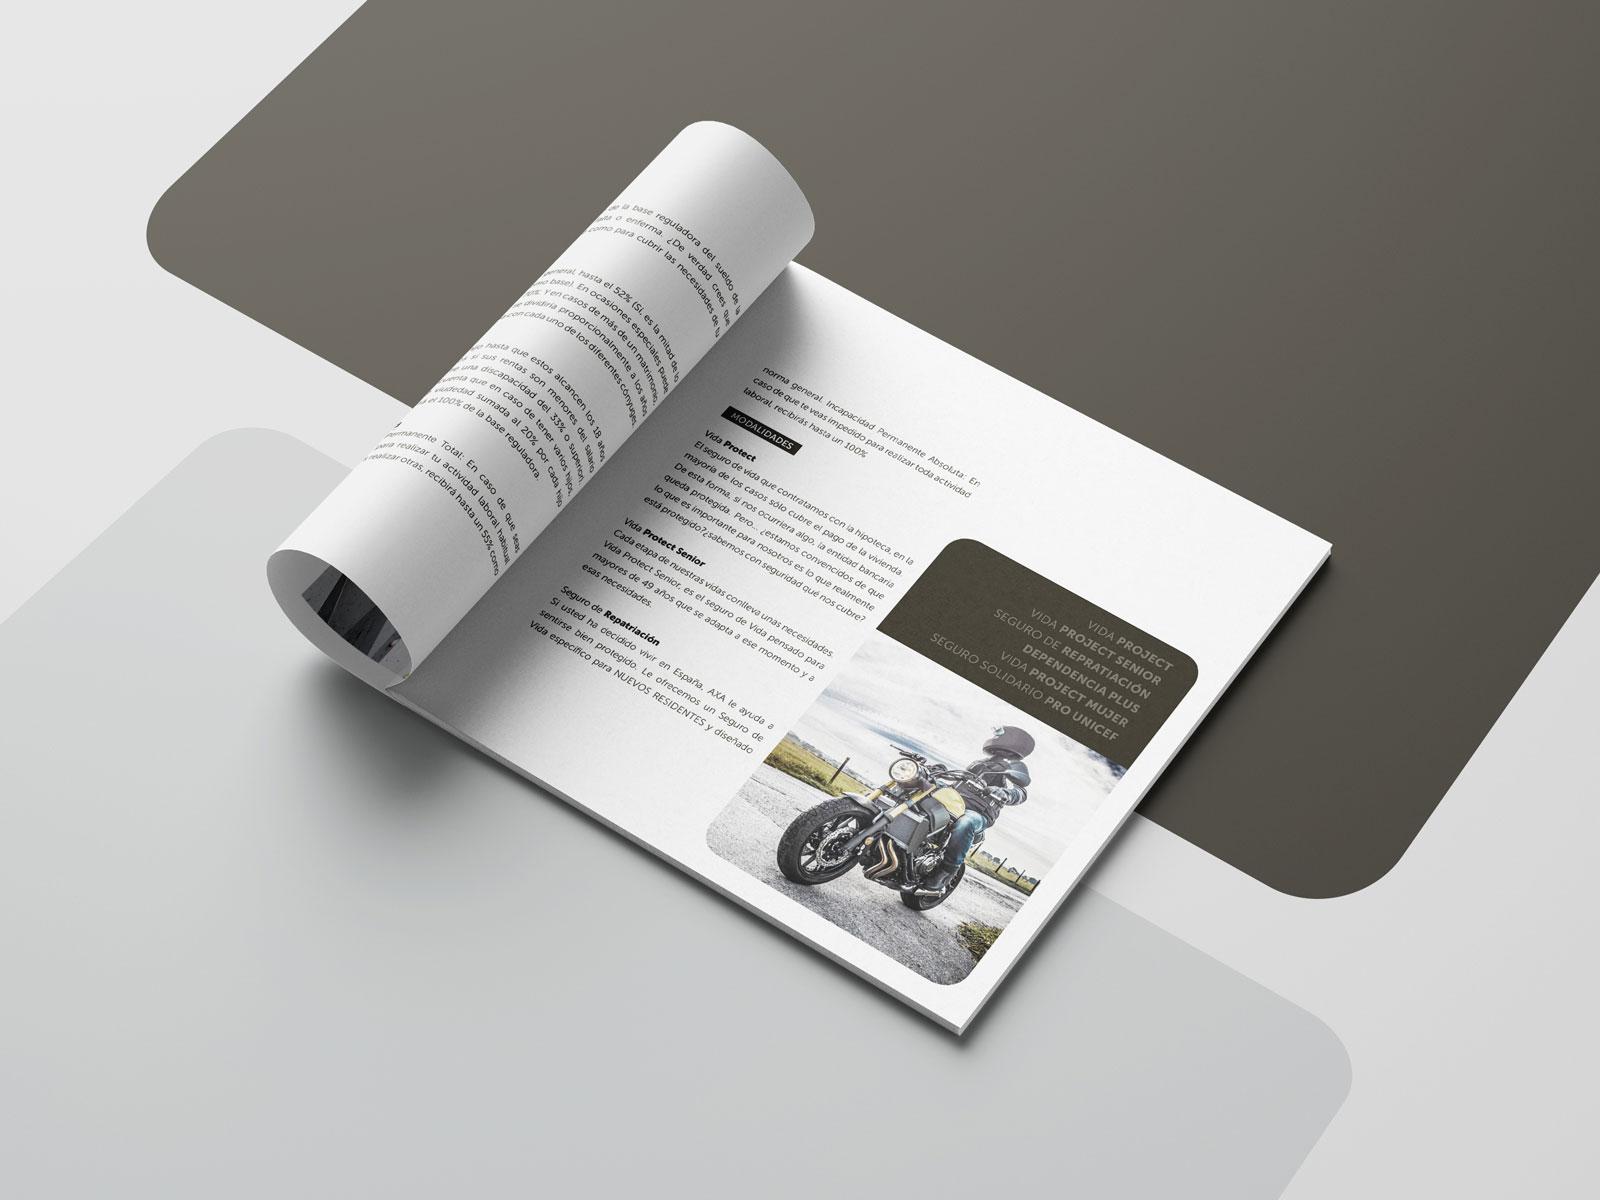 Artabro-Seguros-folleto-02